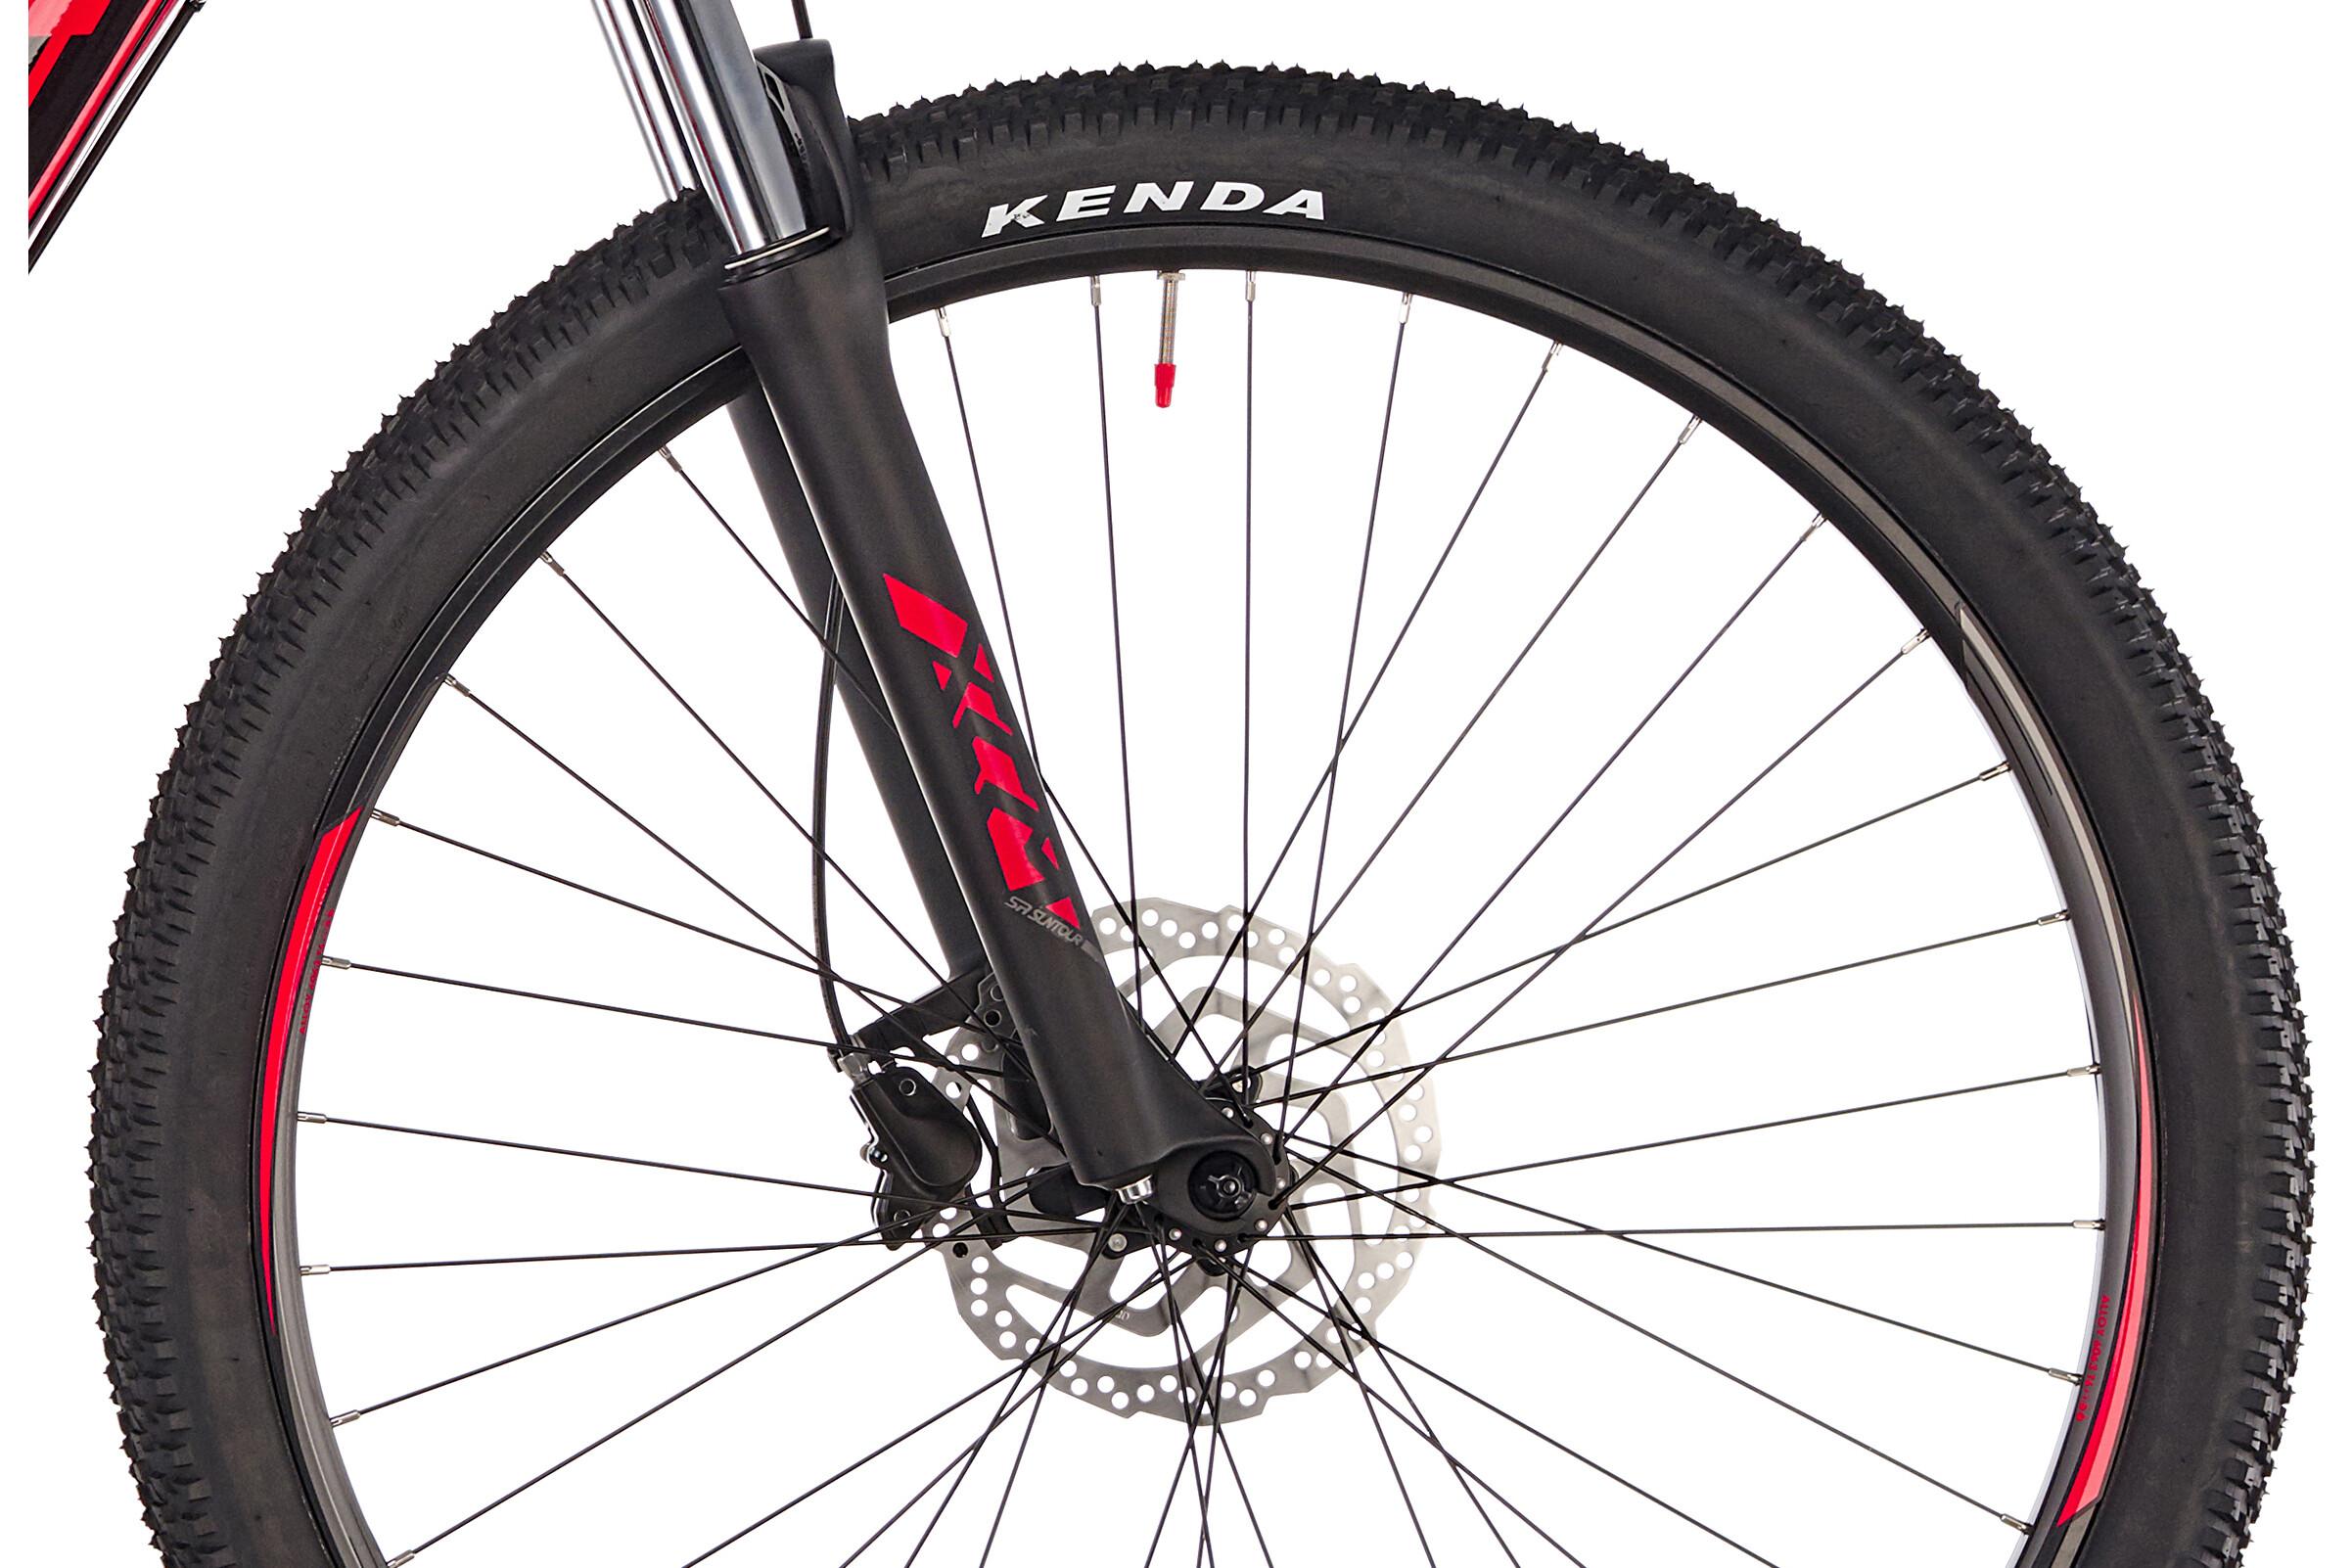 ORBEA MX 40 MTB Hardtail 29 rød | Find cykeltilbehør på nettet | Bikester.dk